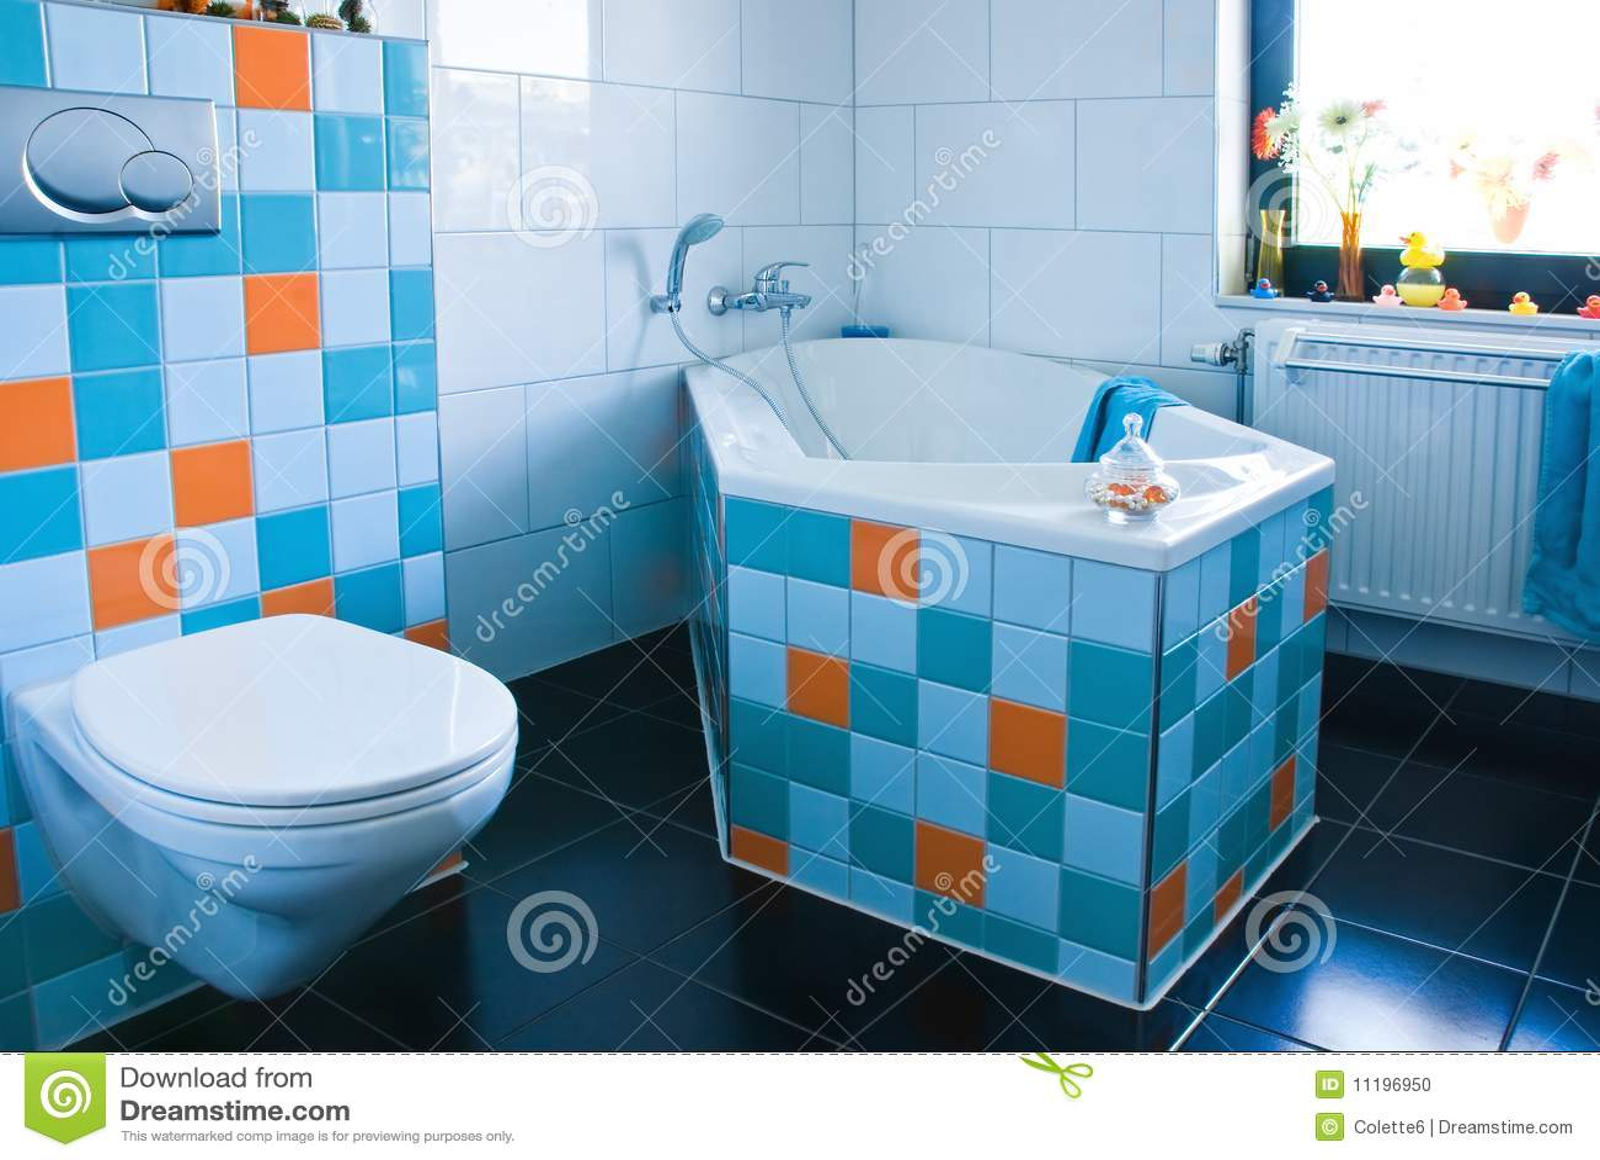 Banheiro branco assoalho preto colorido decorado com as telhas na  #B34F18 1300x960 Banheiro Branco Com Rejunte Azul